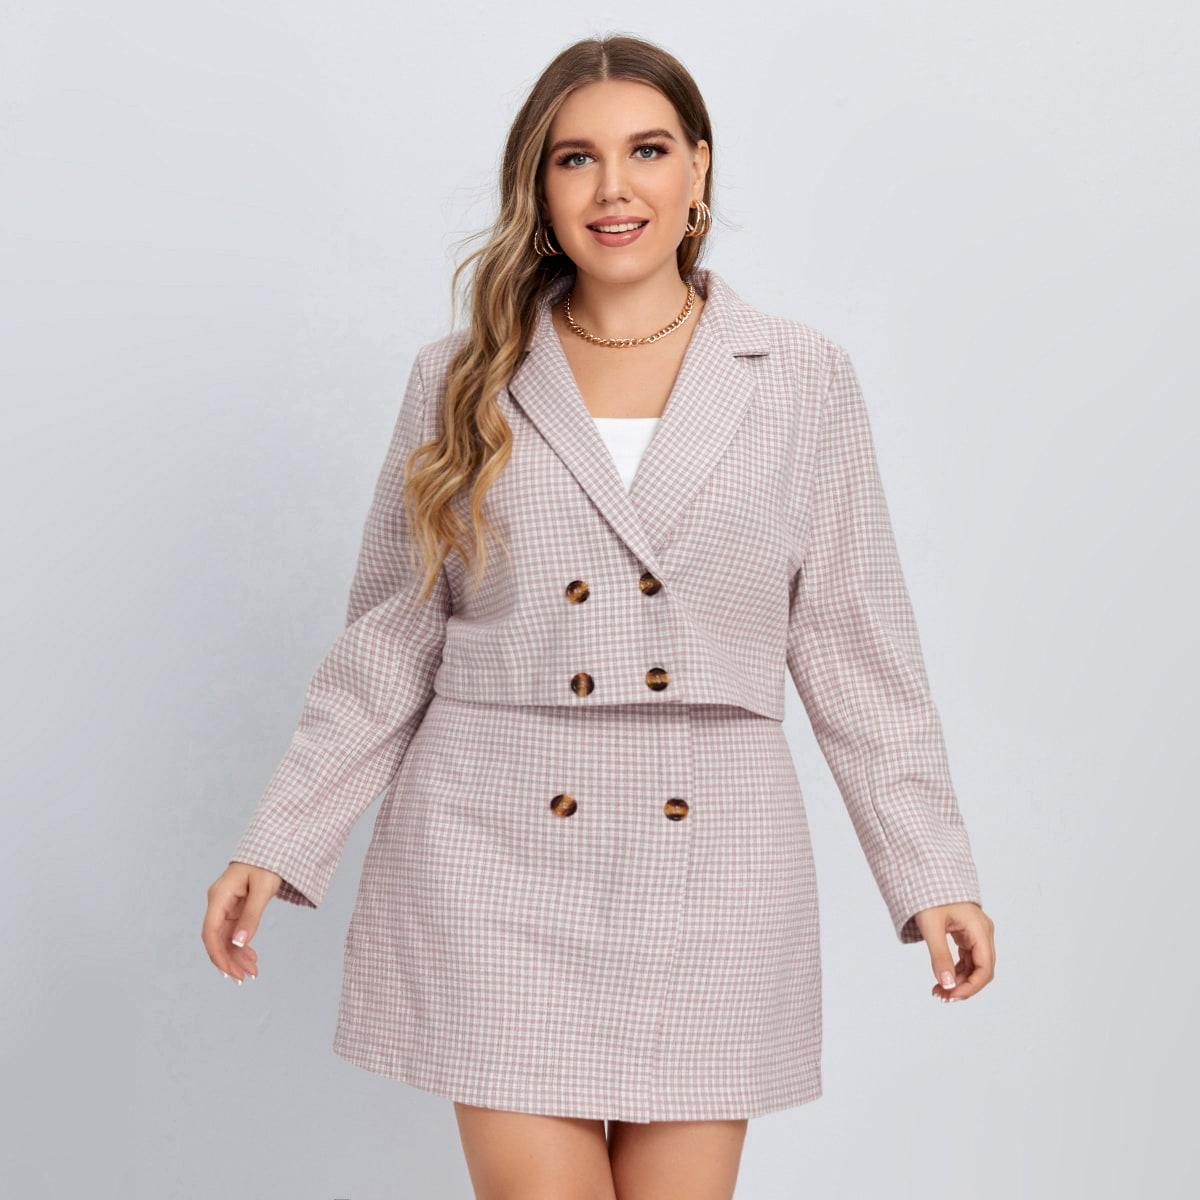 Двубортный кроп-пиджак в клетку и юбка размера плюс